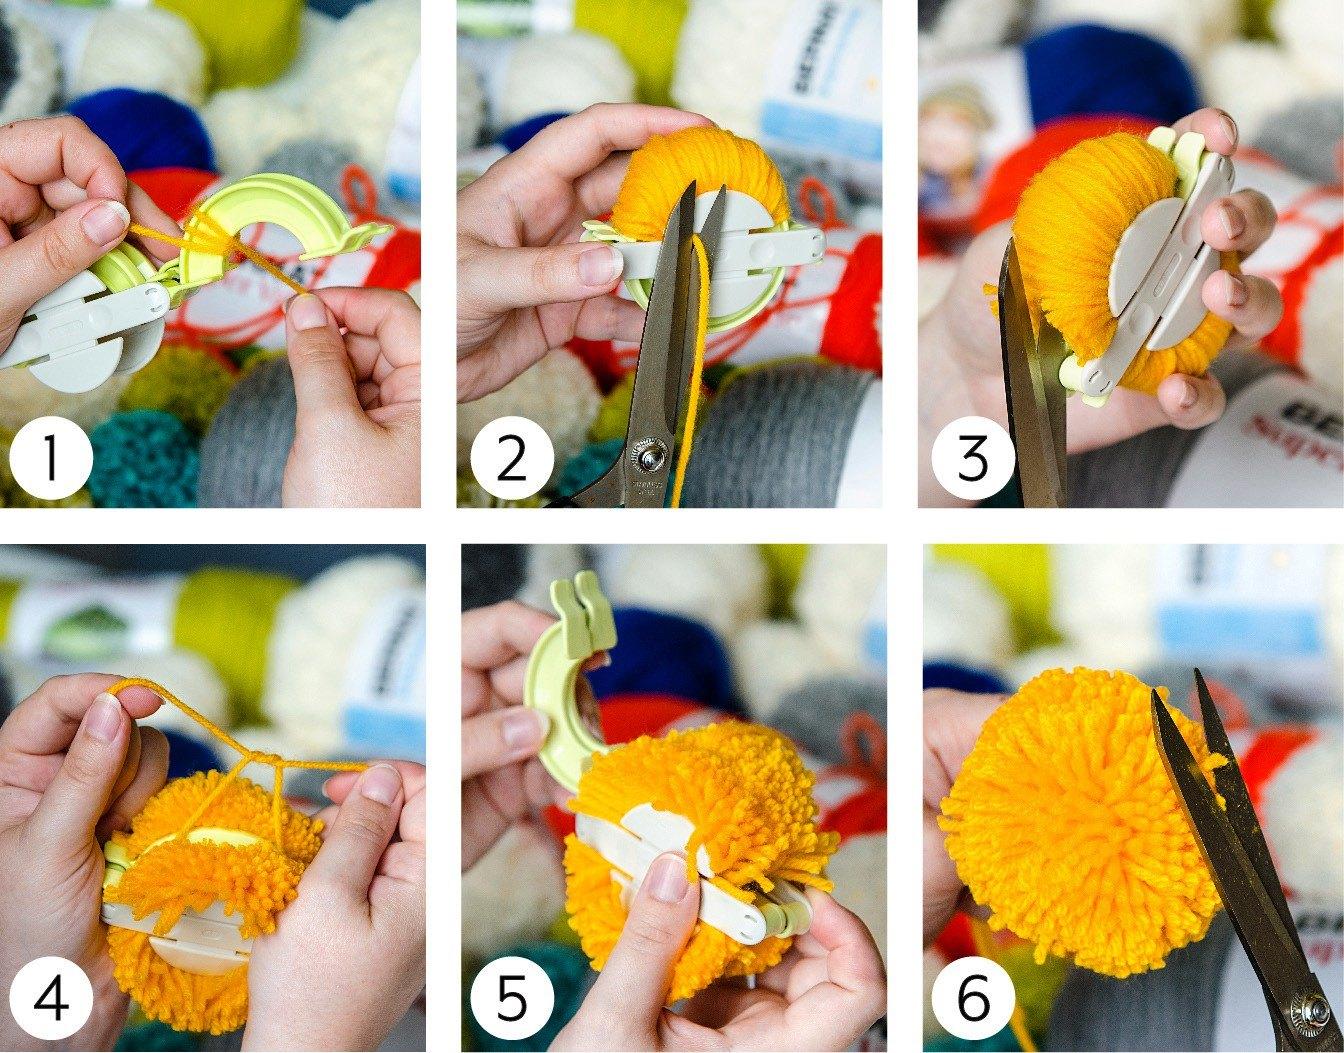 Making a Pompom Steps 1 - 6 Images